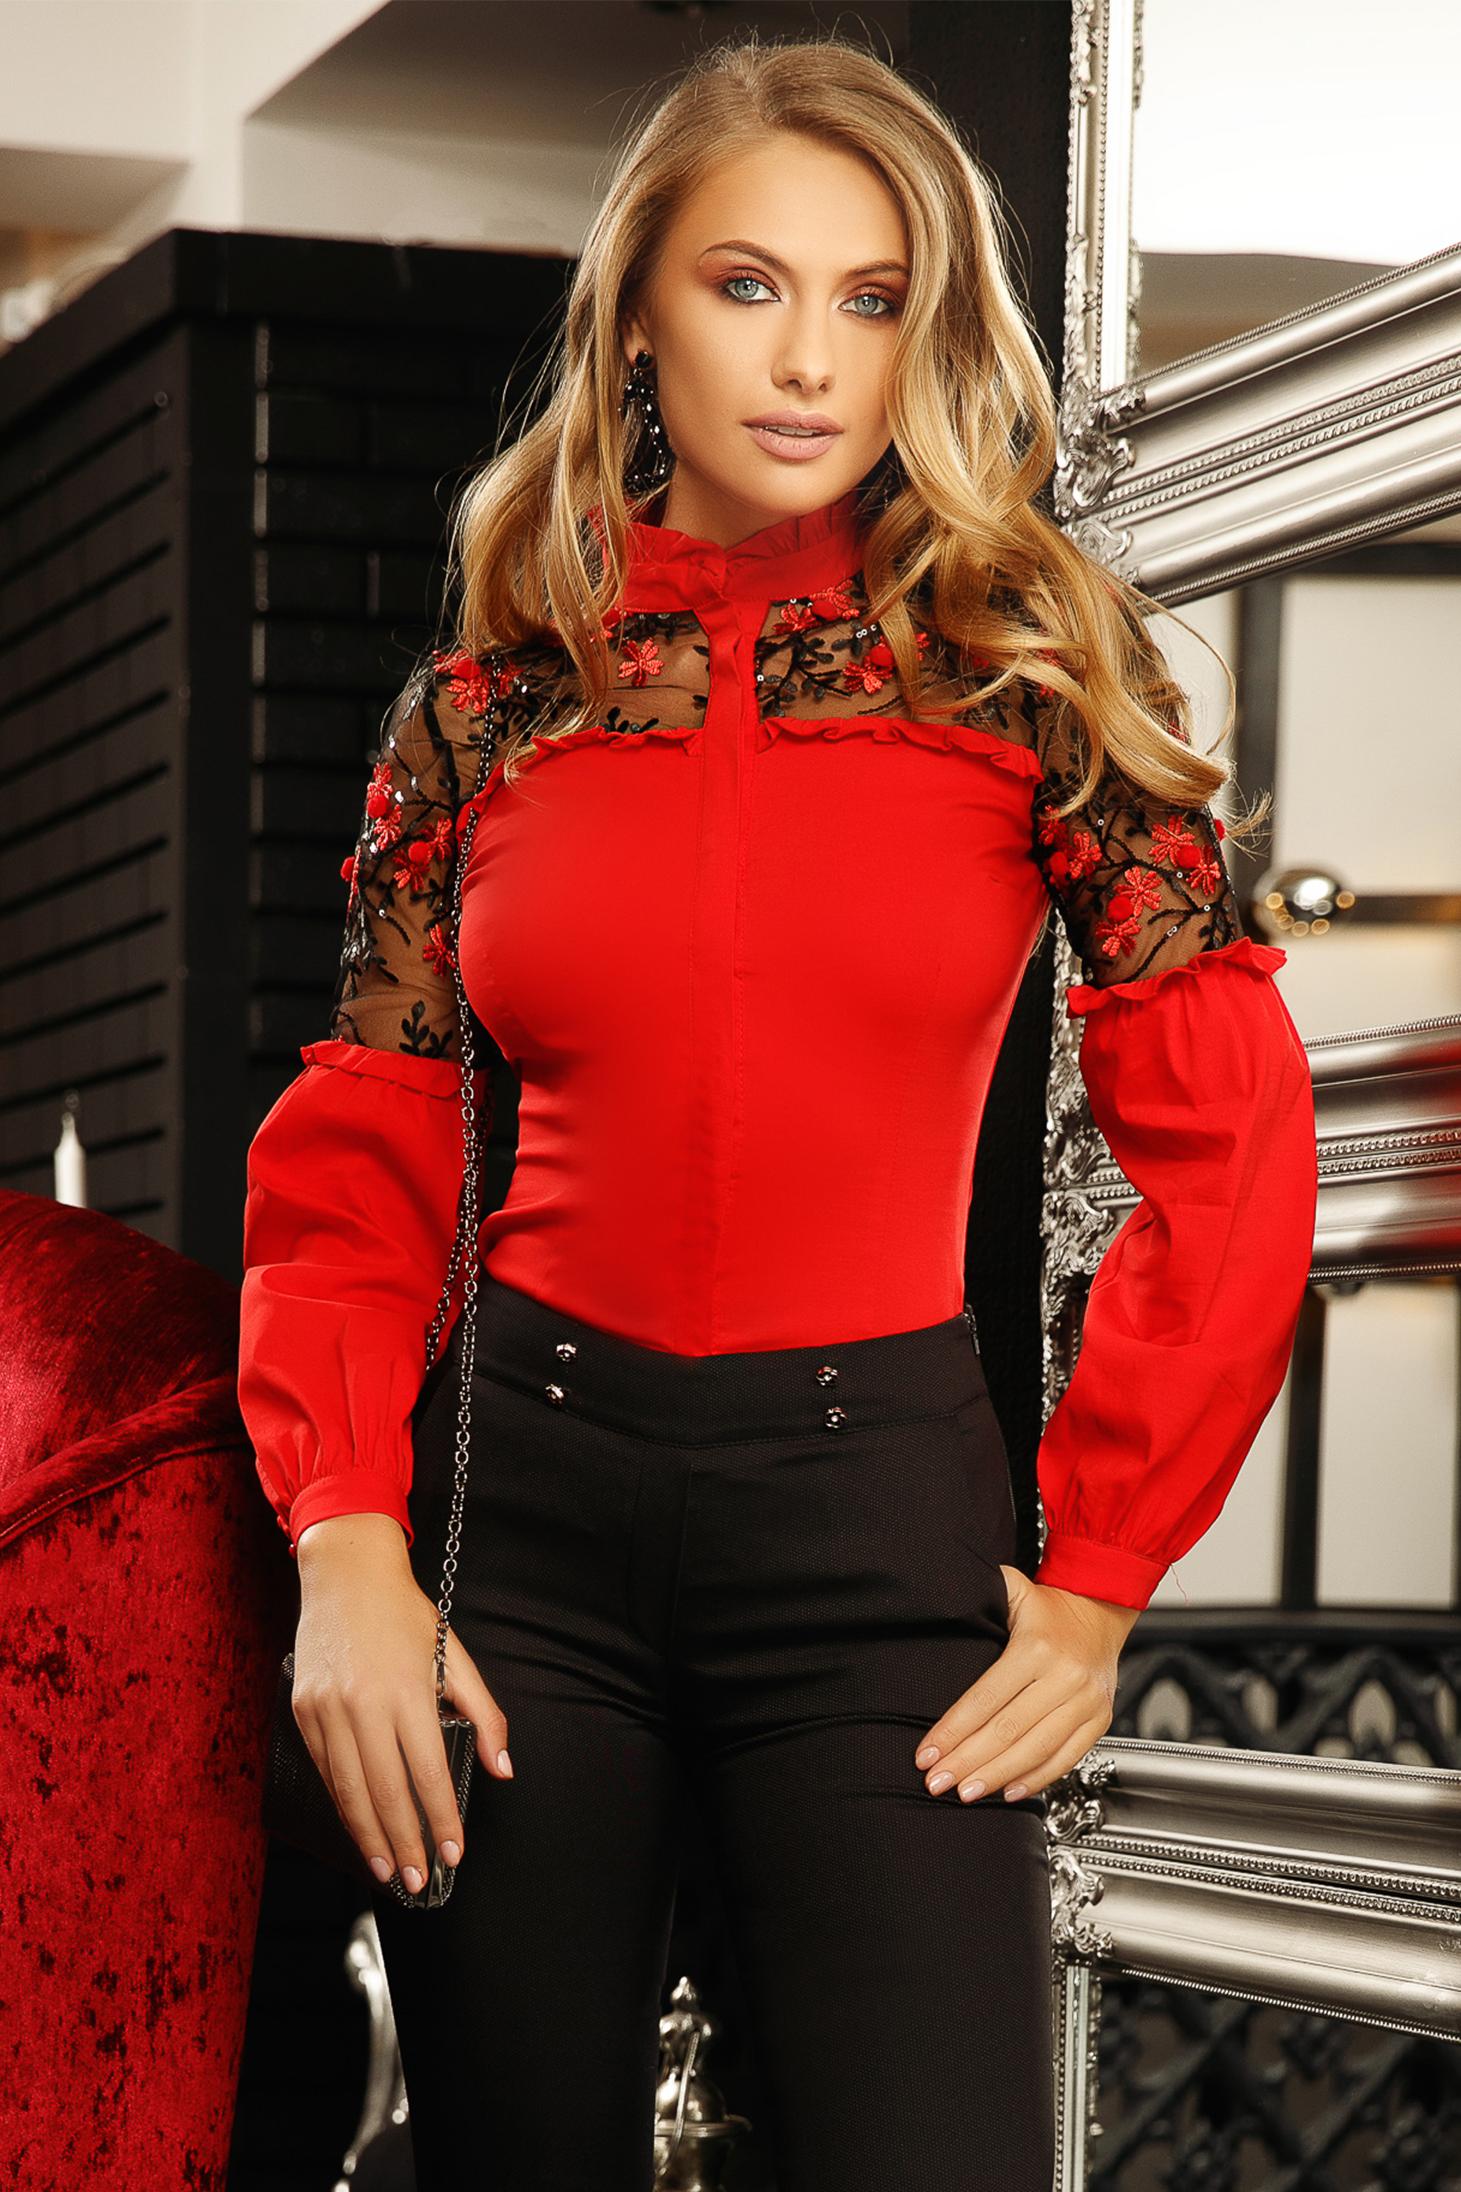 Piros elegáns szűk szabású rövid pamutból készült galléros női ing tűl kiegészítővel virágos hímzéssel